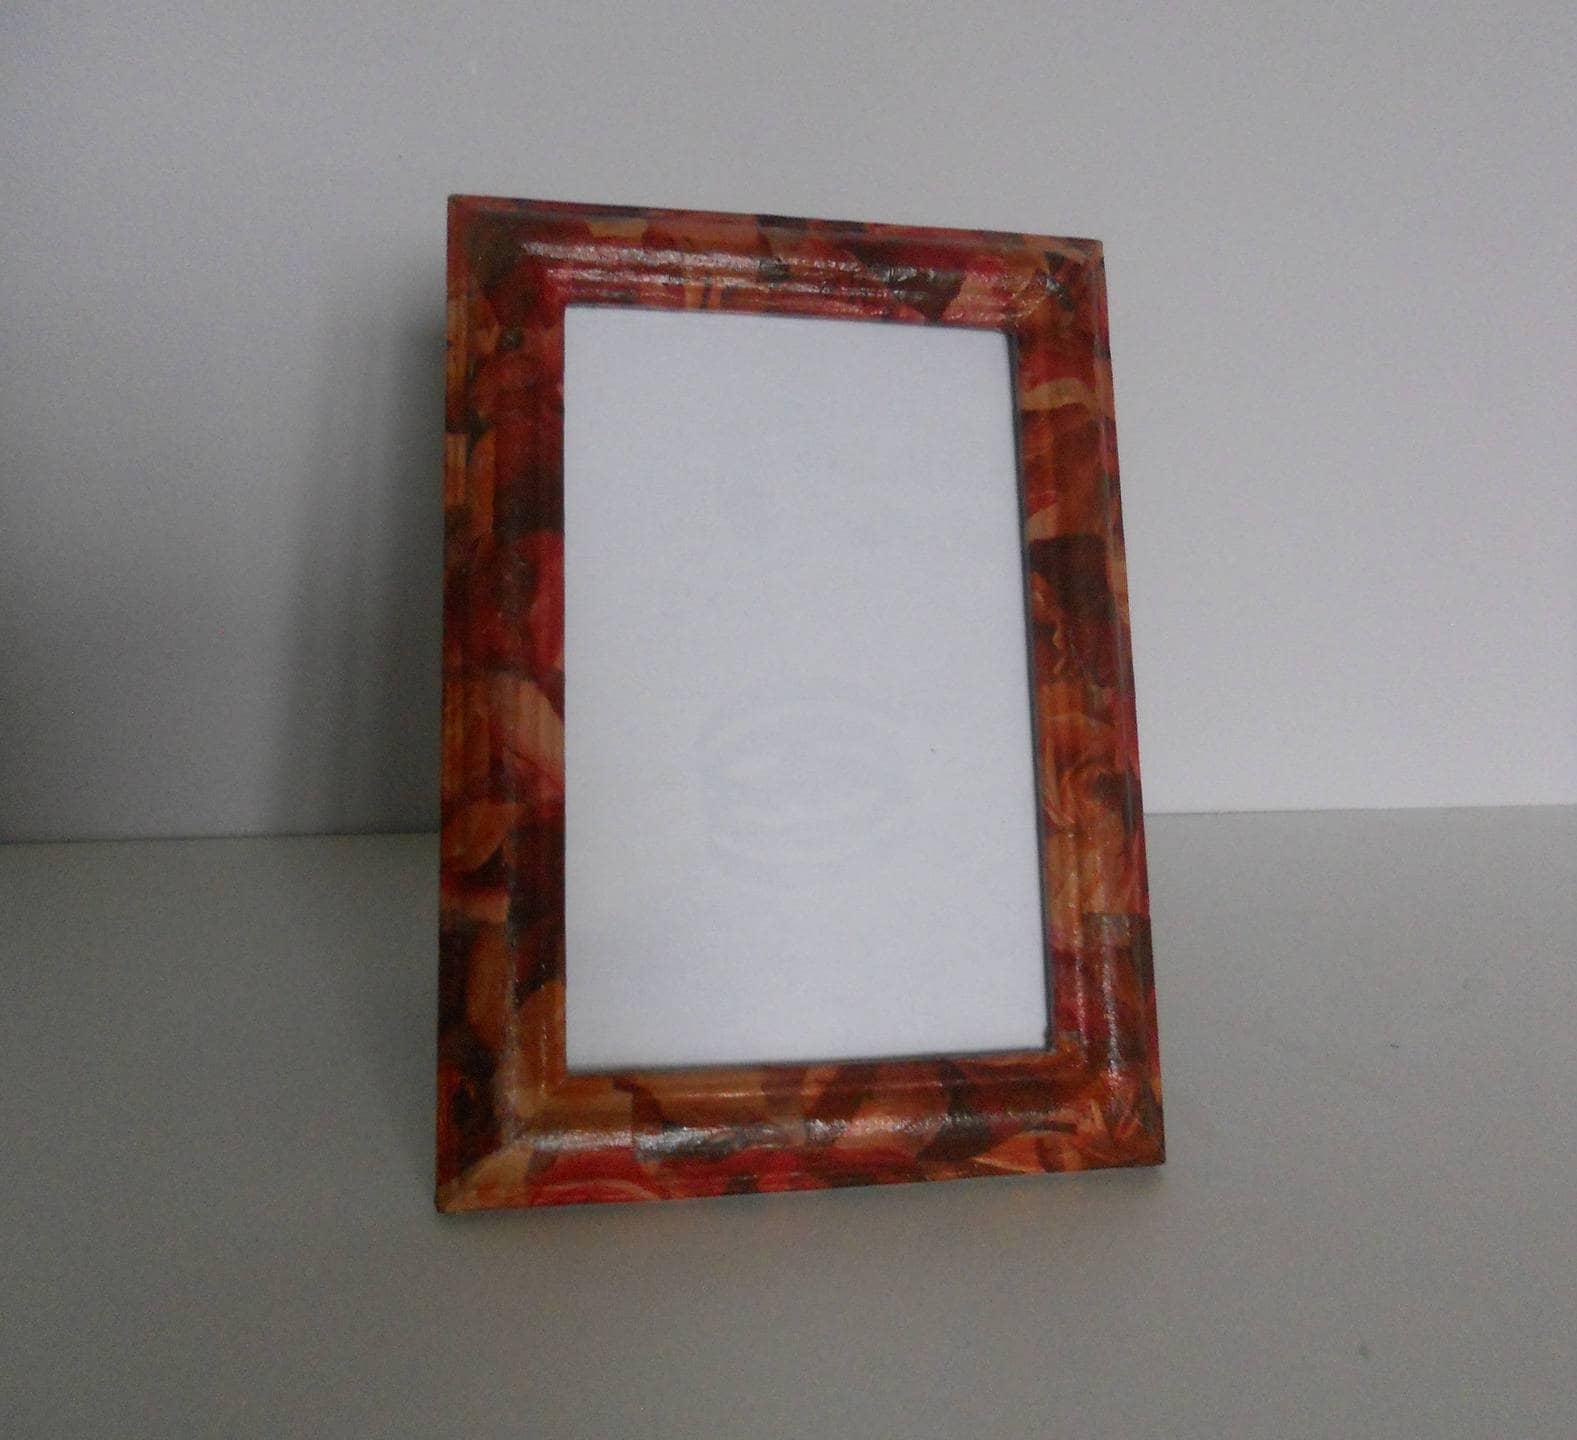 cadre photo 13x18 en bois poser ou accrocher d cor au. Black Bedroom Furniture Sets. Home Design Ideas